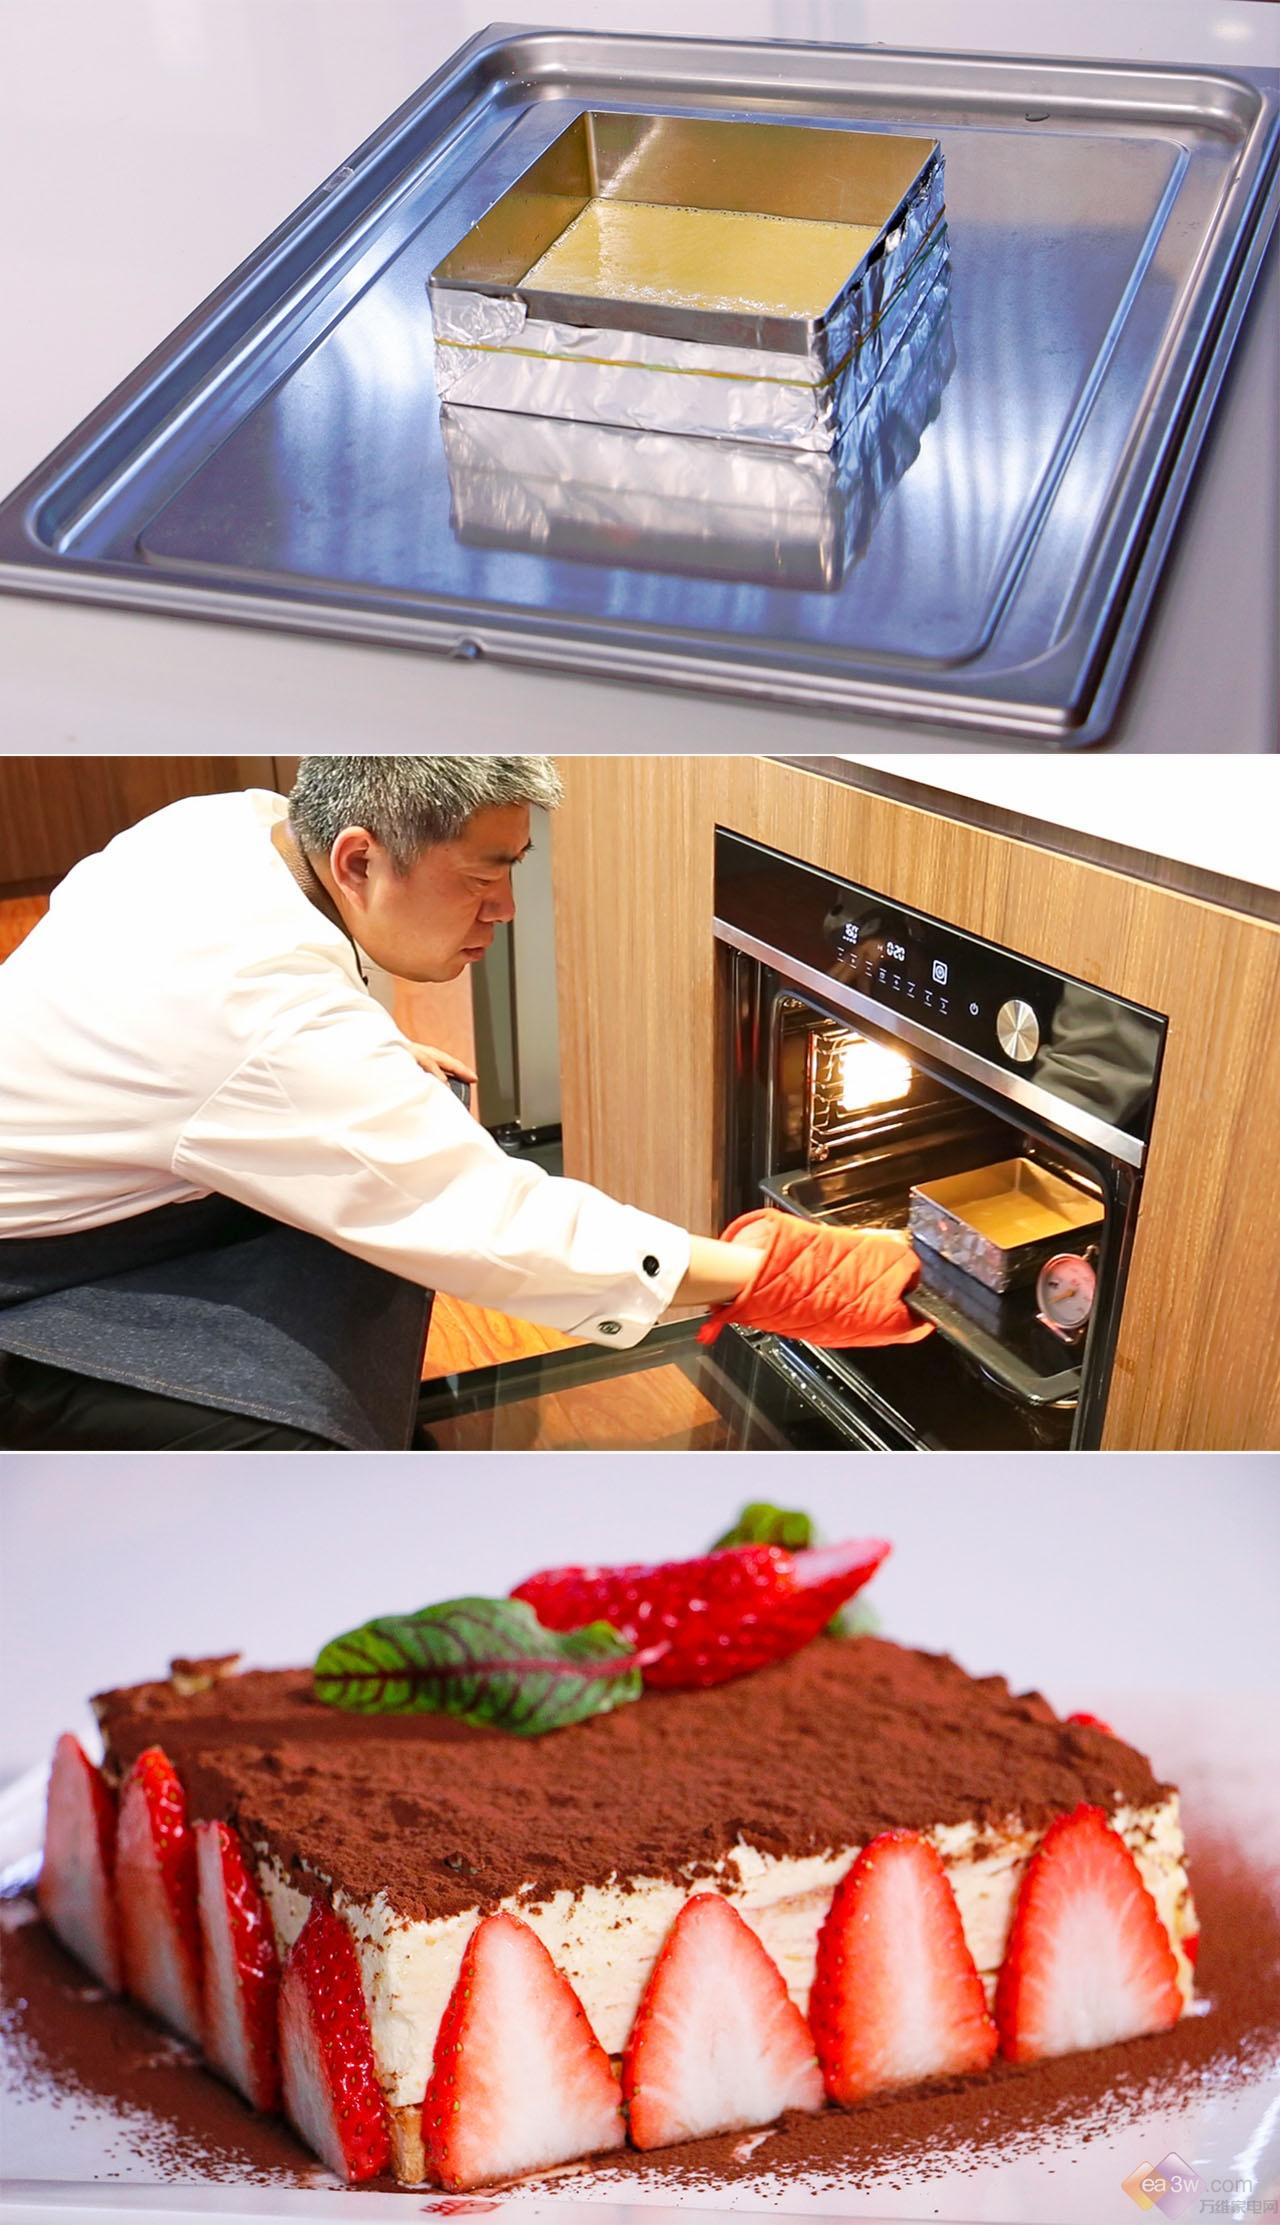 金牌厨师长的绝技:原来这才是提拉米苏的正确做法